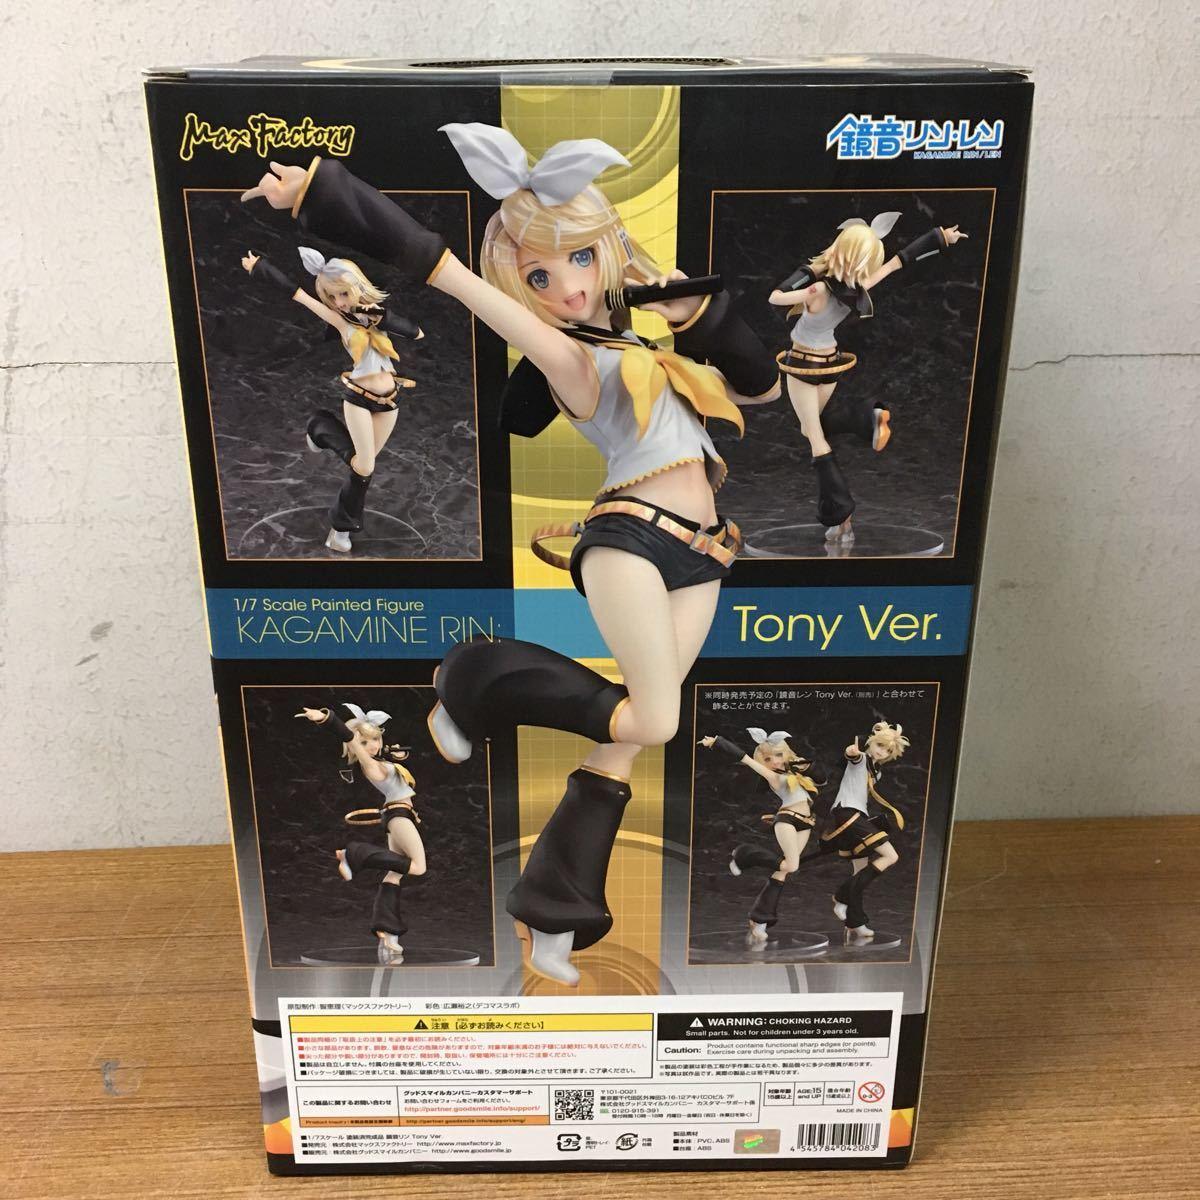 新文章未開封Max Factory Character·Vocal·Series 02 Kagamine Rin Tony Ver.1 / 7完成PVC圖Boca Rolen 編號:q249874507